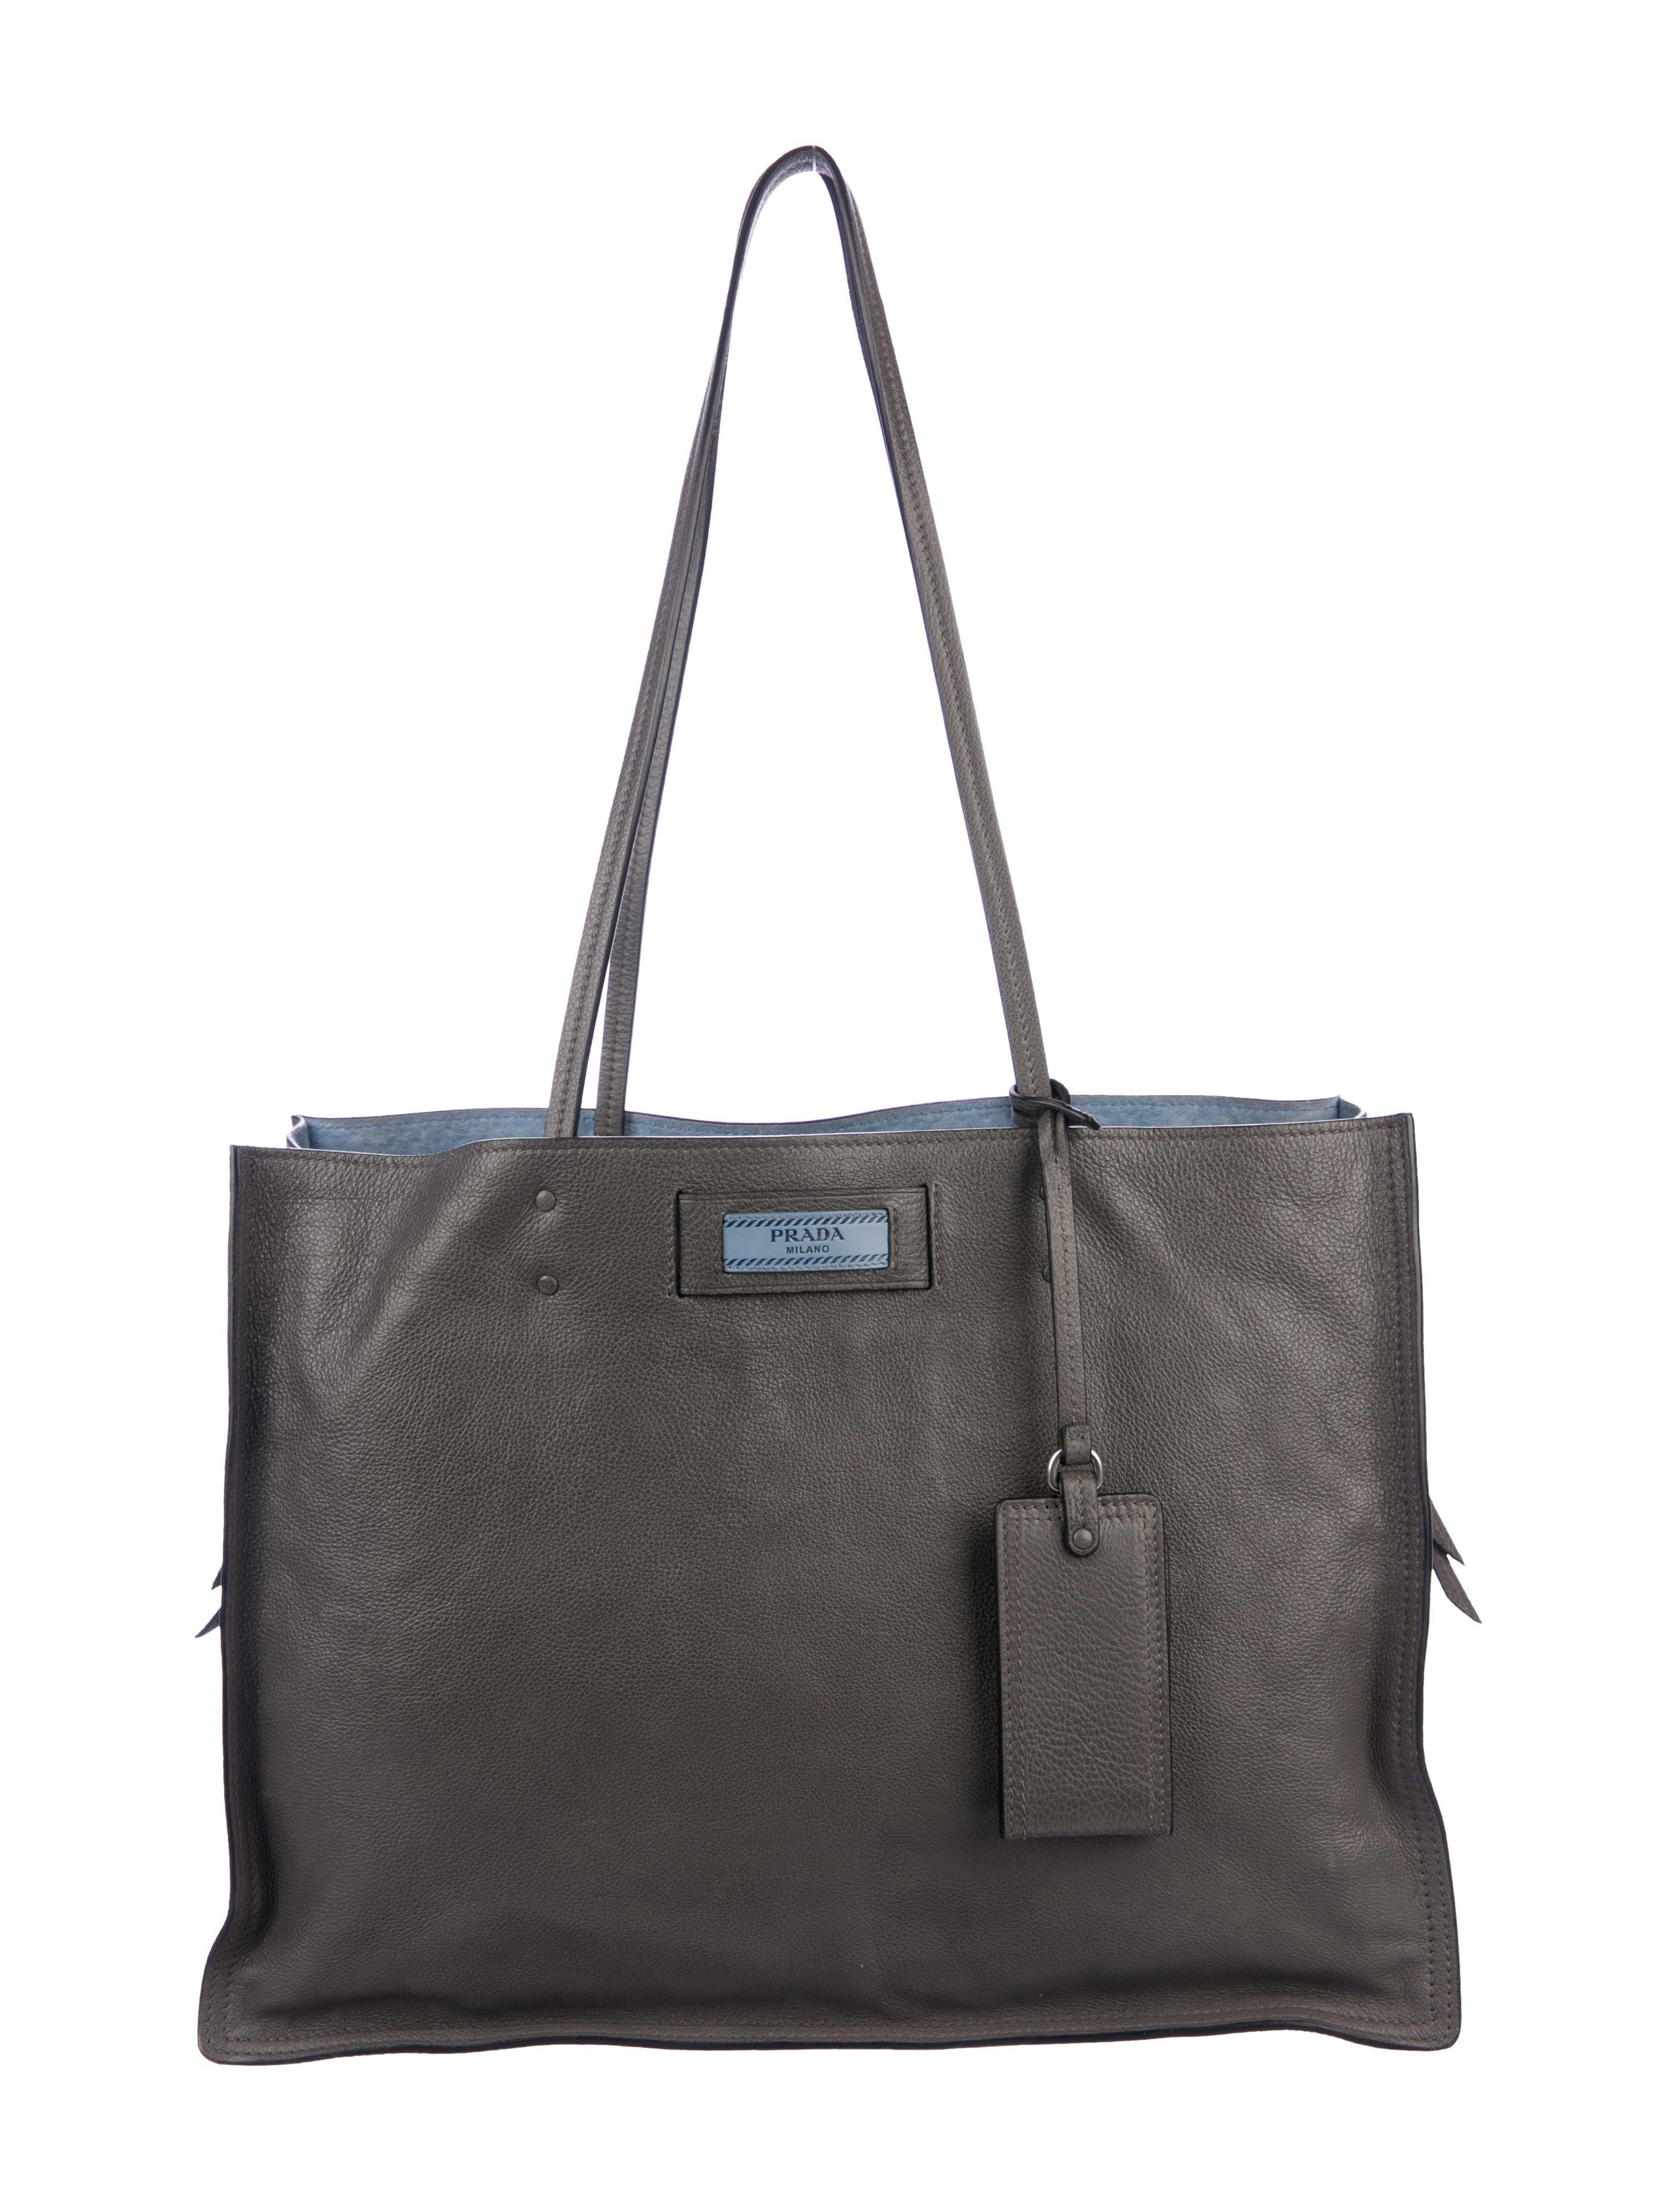 86f7d011fb54 Prada Handbags